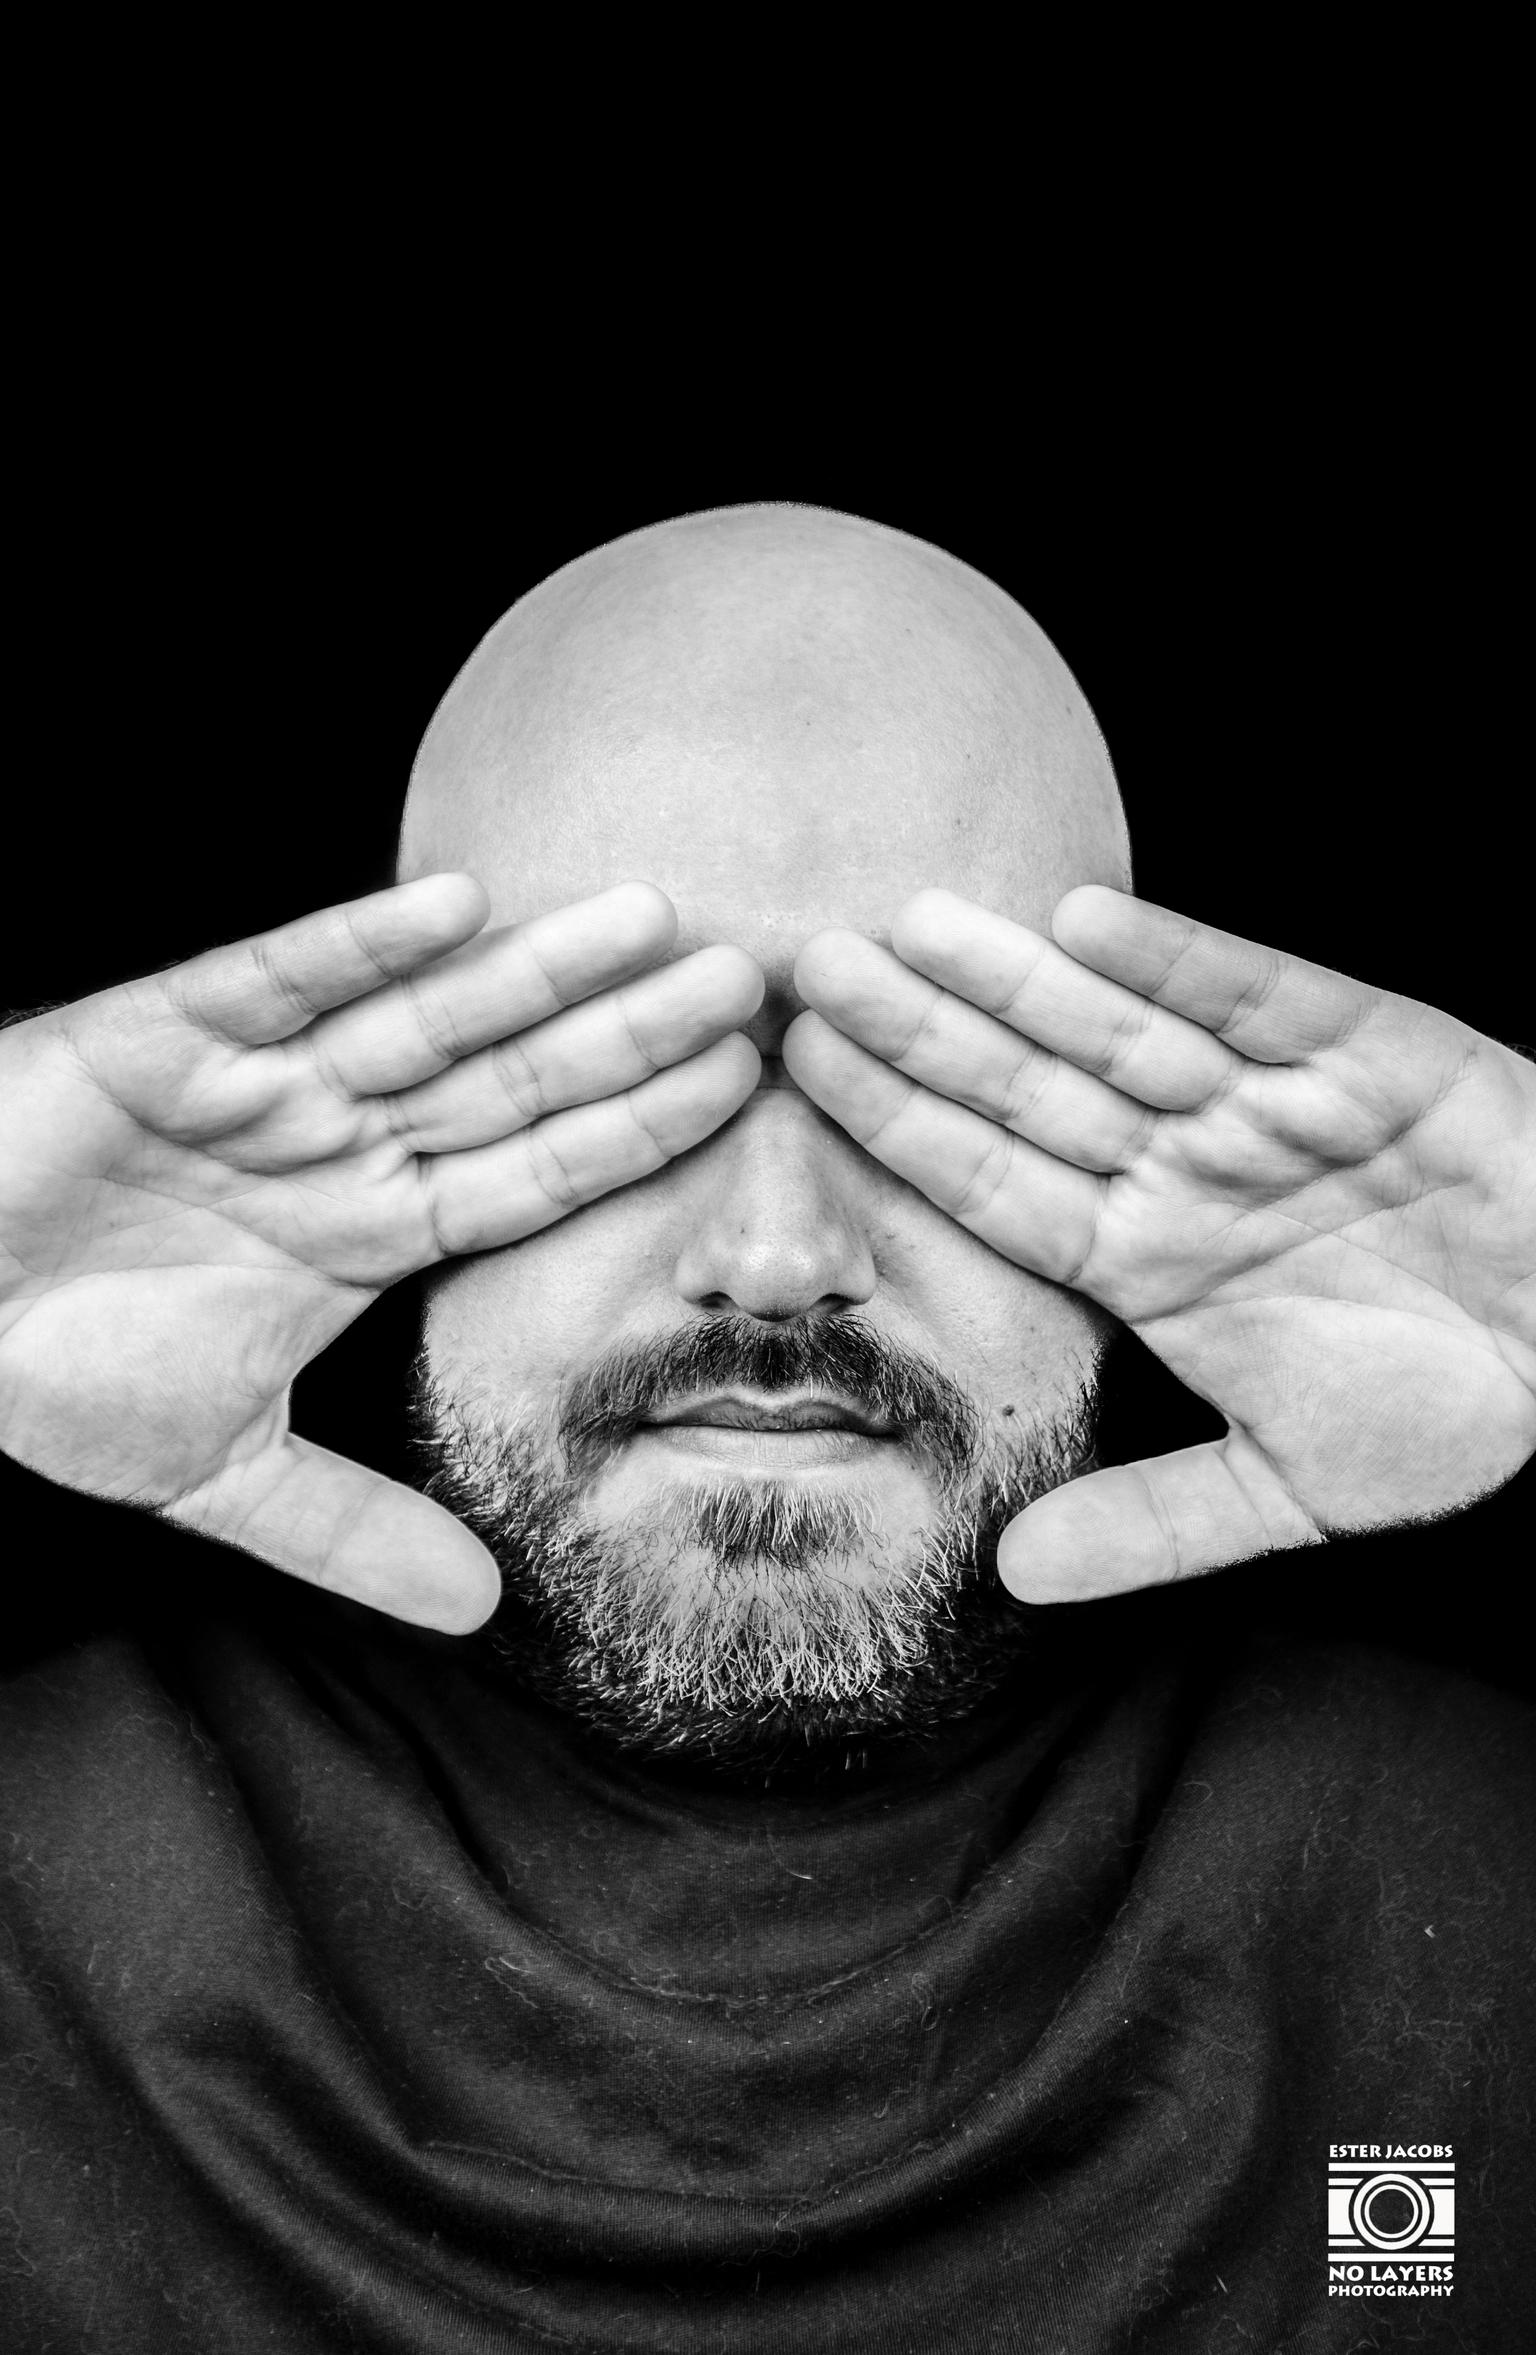 Hidden - Hidden Serie - foto door NoLayersPhotography op 10-04-2021 - deze foto bevat: man, studio, fotoshoot, handen, zwart wit, model, kleding, voorhoofd, gezicht, hoofd, bril, kin, hand, arm, oog, mond